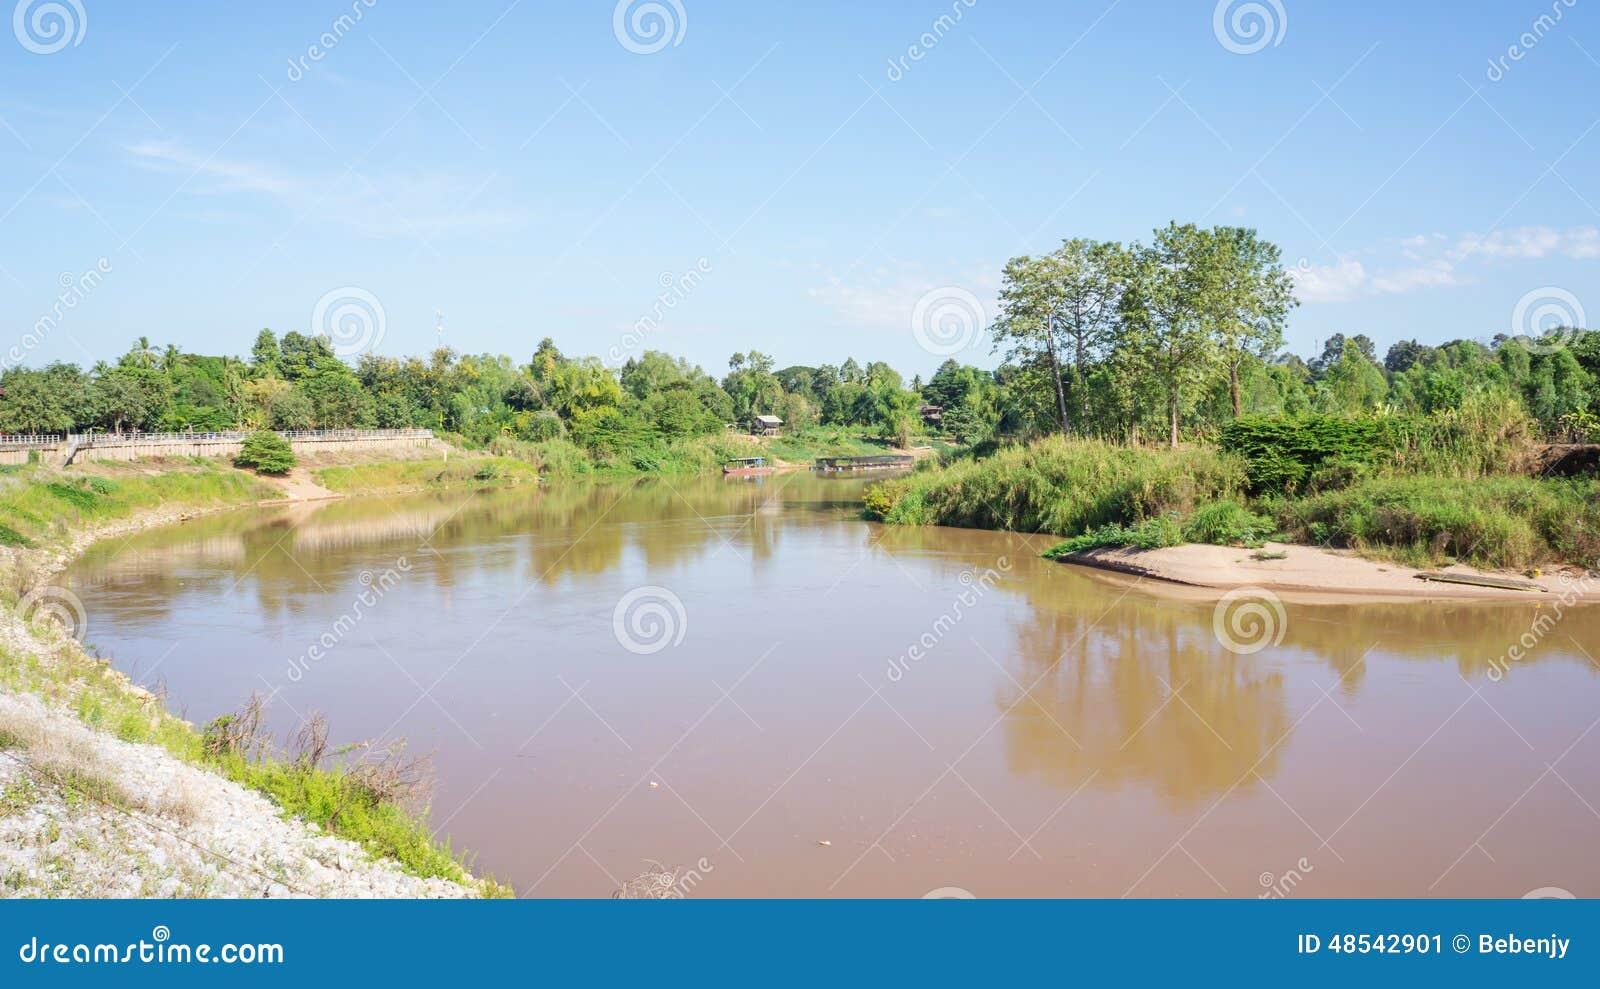 Nan River at Phitsanulok province, Thailand.